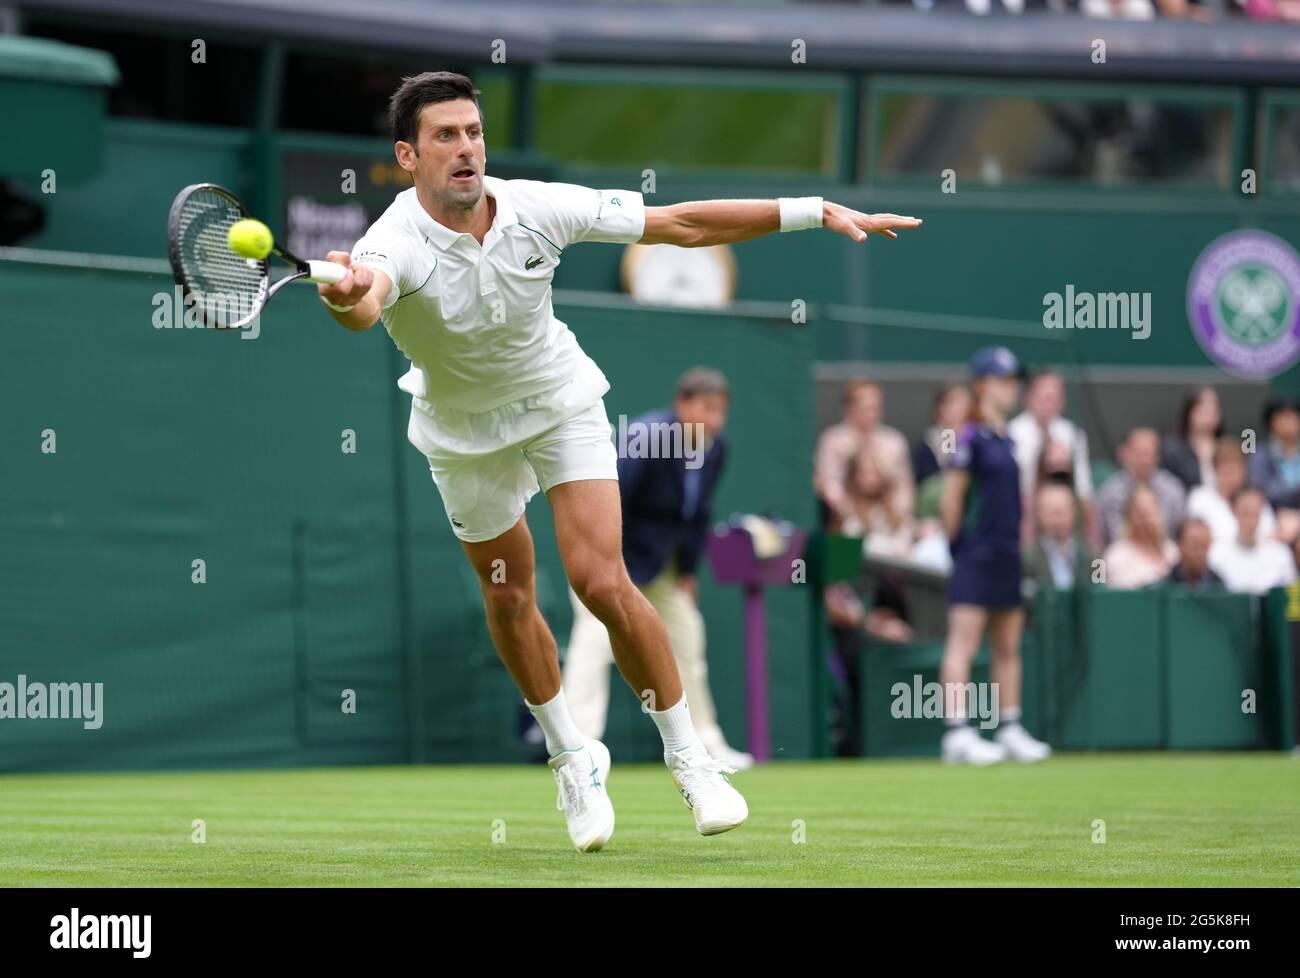 Novak Djokovic in azione contro Jack Draper sul campo centrale il giorno uno di Wimbledon all'All England Lawn Tennis and Croquet Club, Wimbledon. Data immagine: Lunedì 28 giugno 2021. Foto Stock